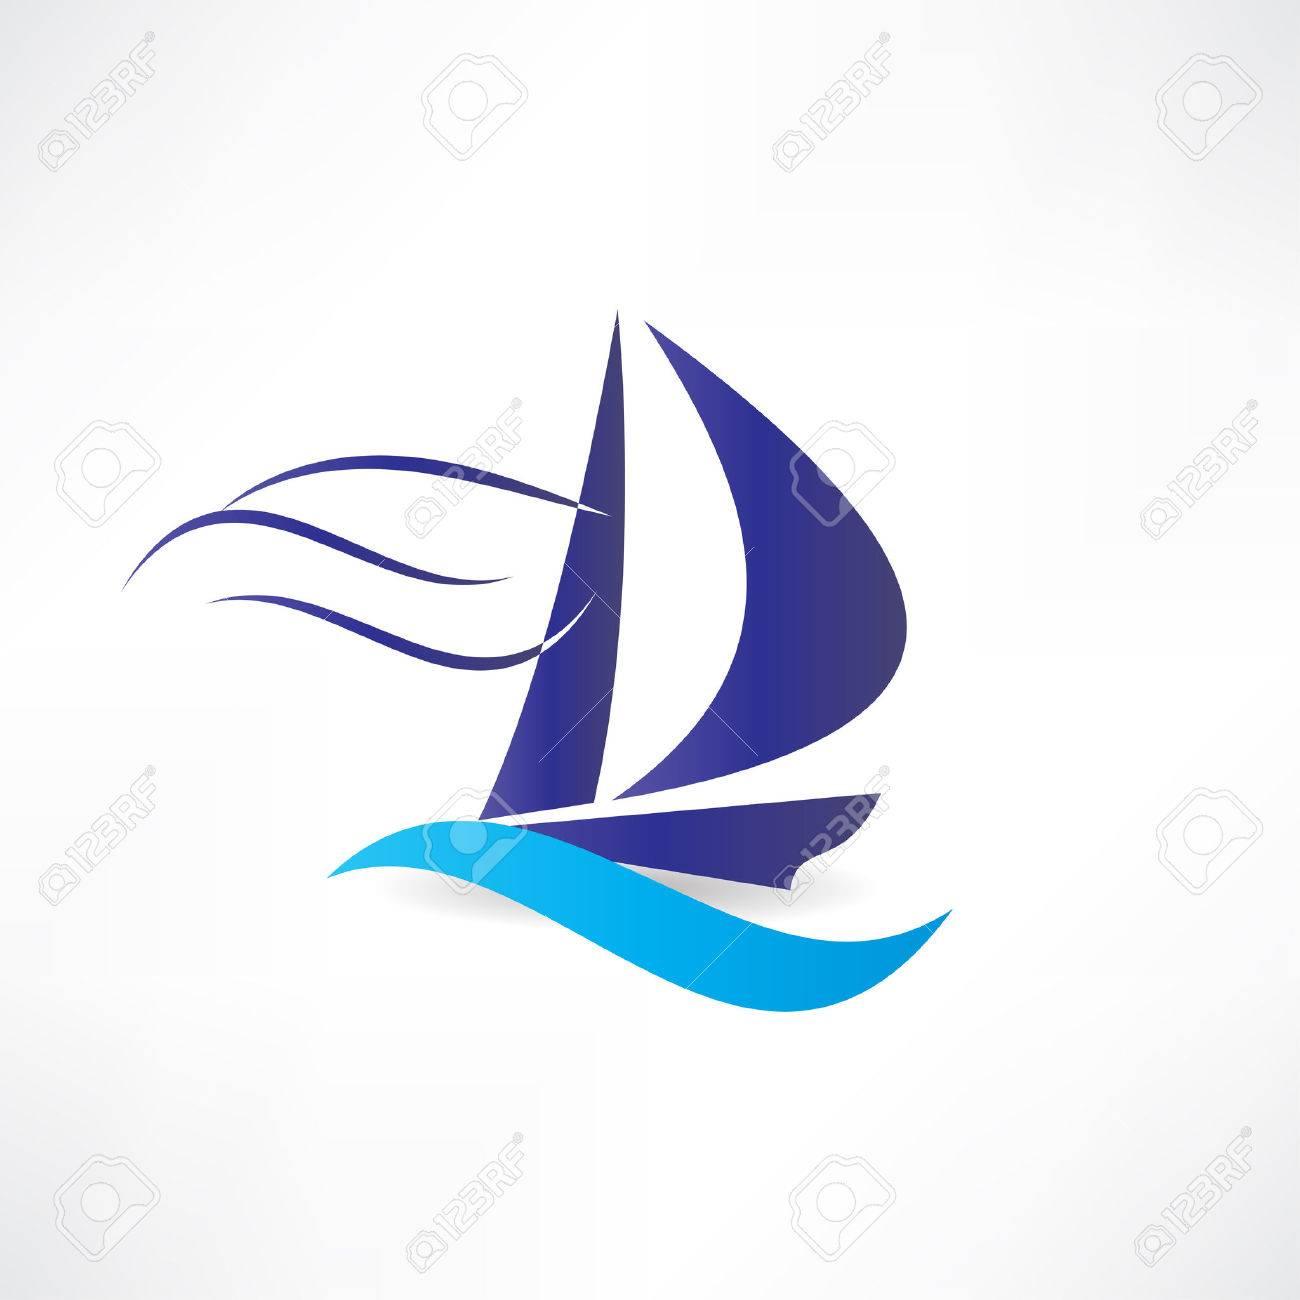 sailboat at sea icon Standard-Bild - 24584272